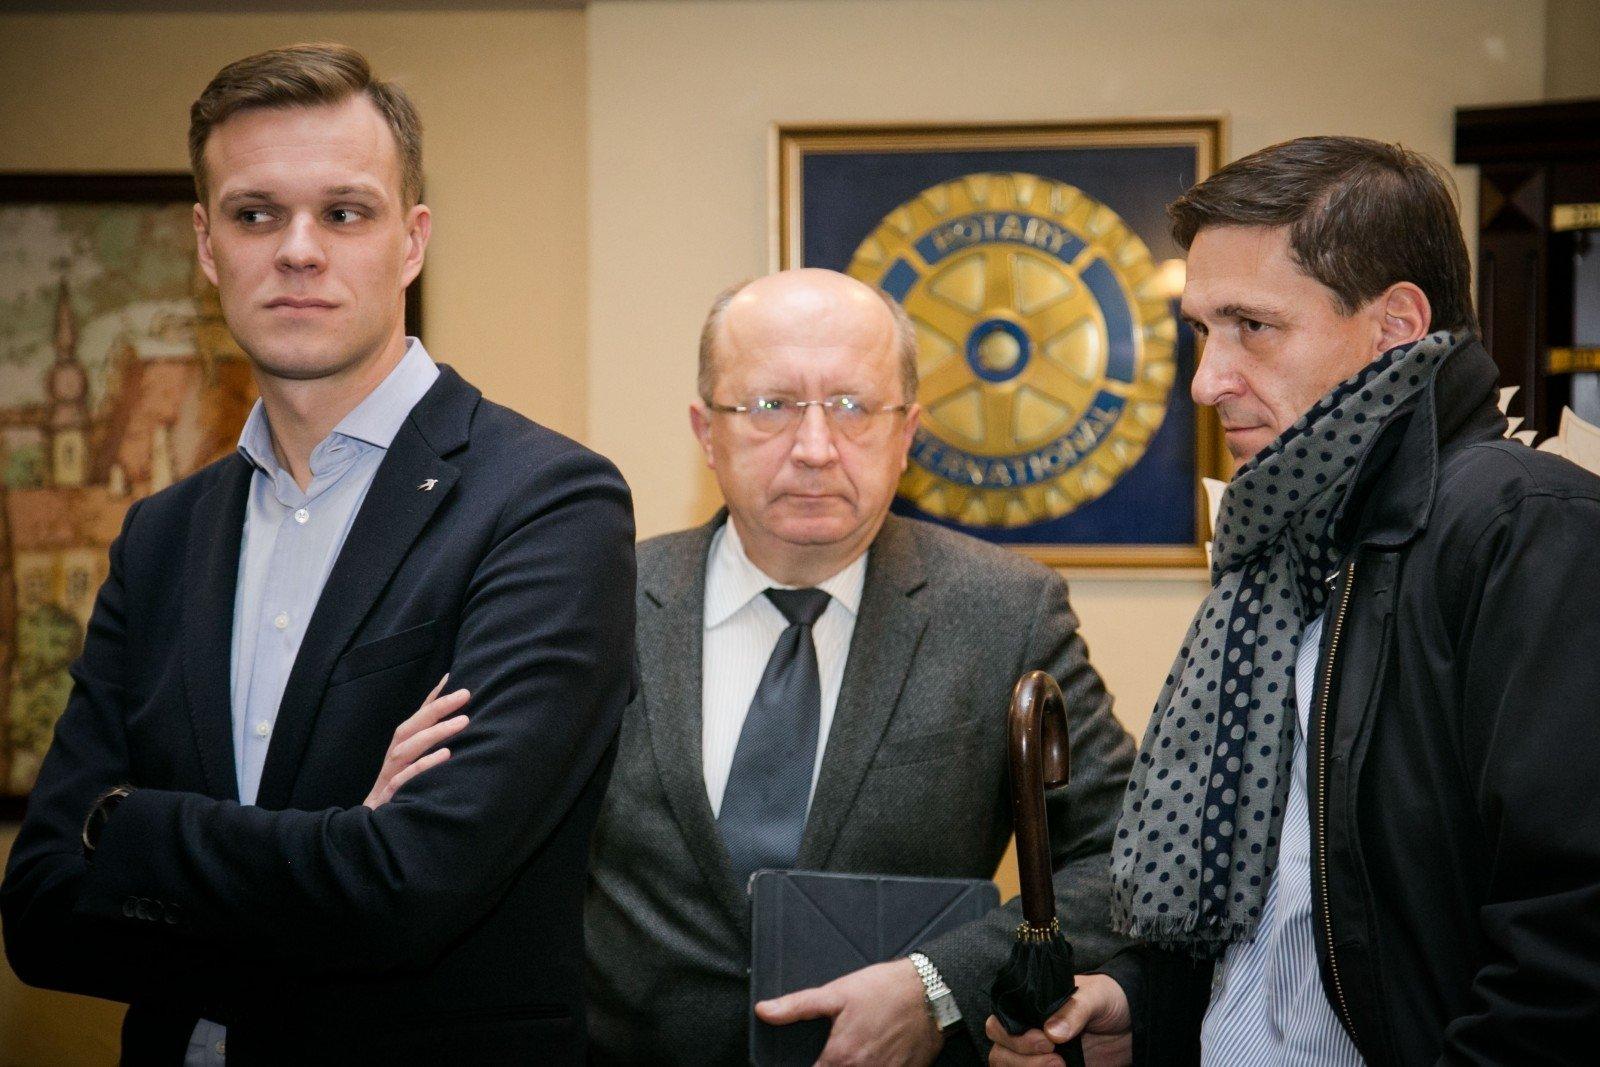 Председателем парламента Литвы стал уполномоченный «Союза крестьян изелёных»